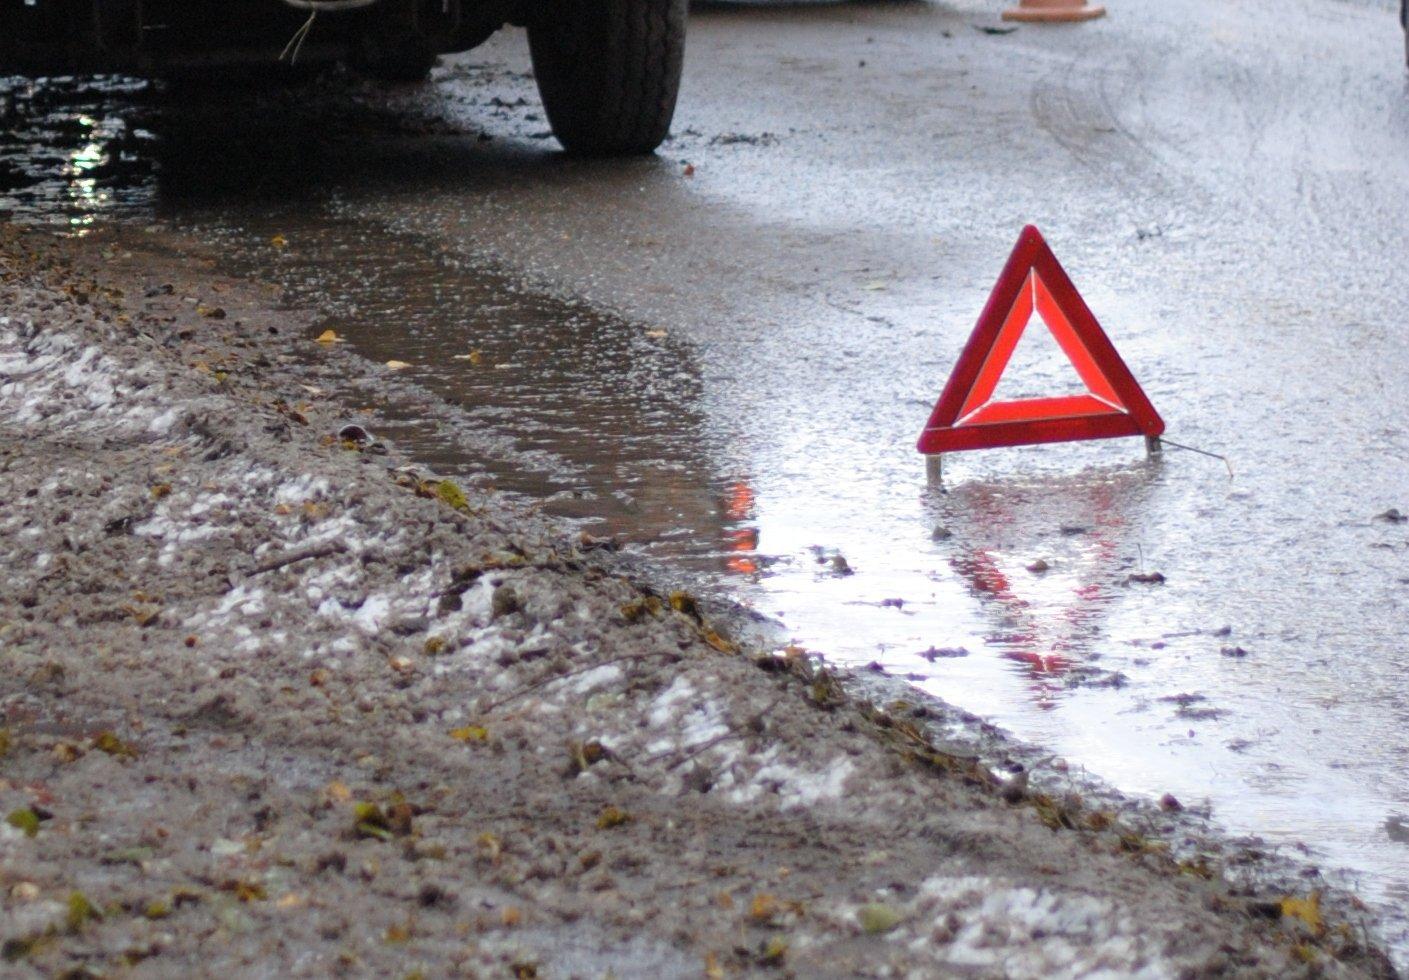 Через скандал з пасажиром водій маршрутки протаранив поліцейське авто